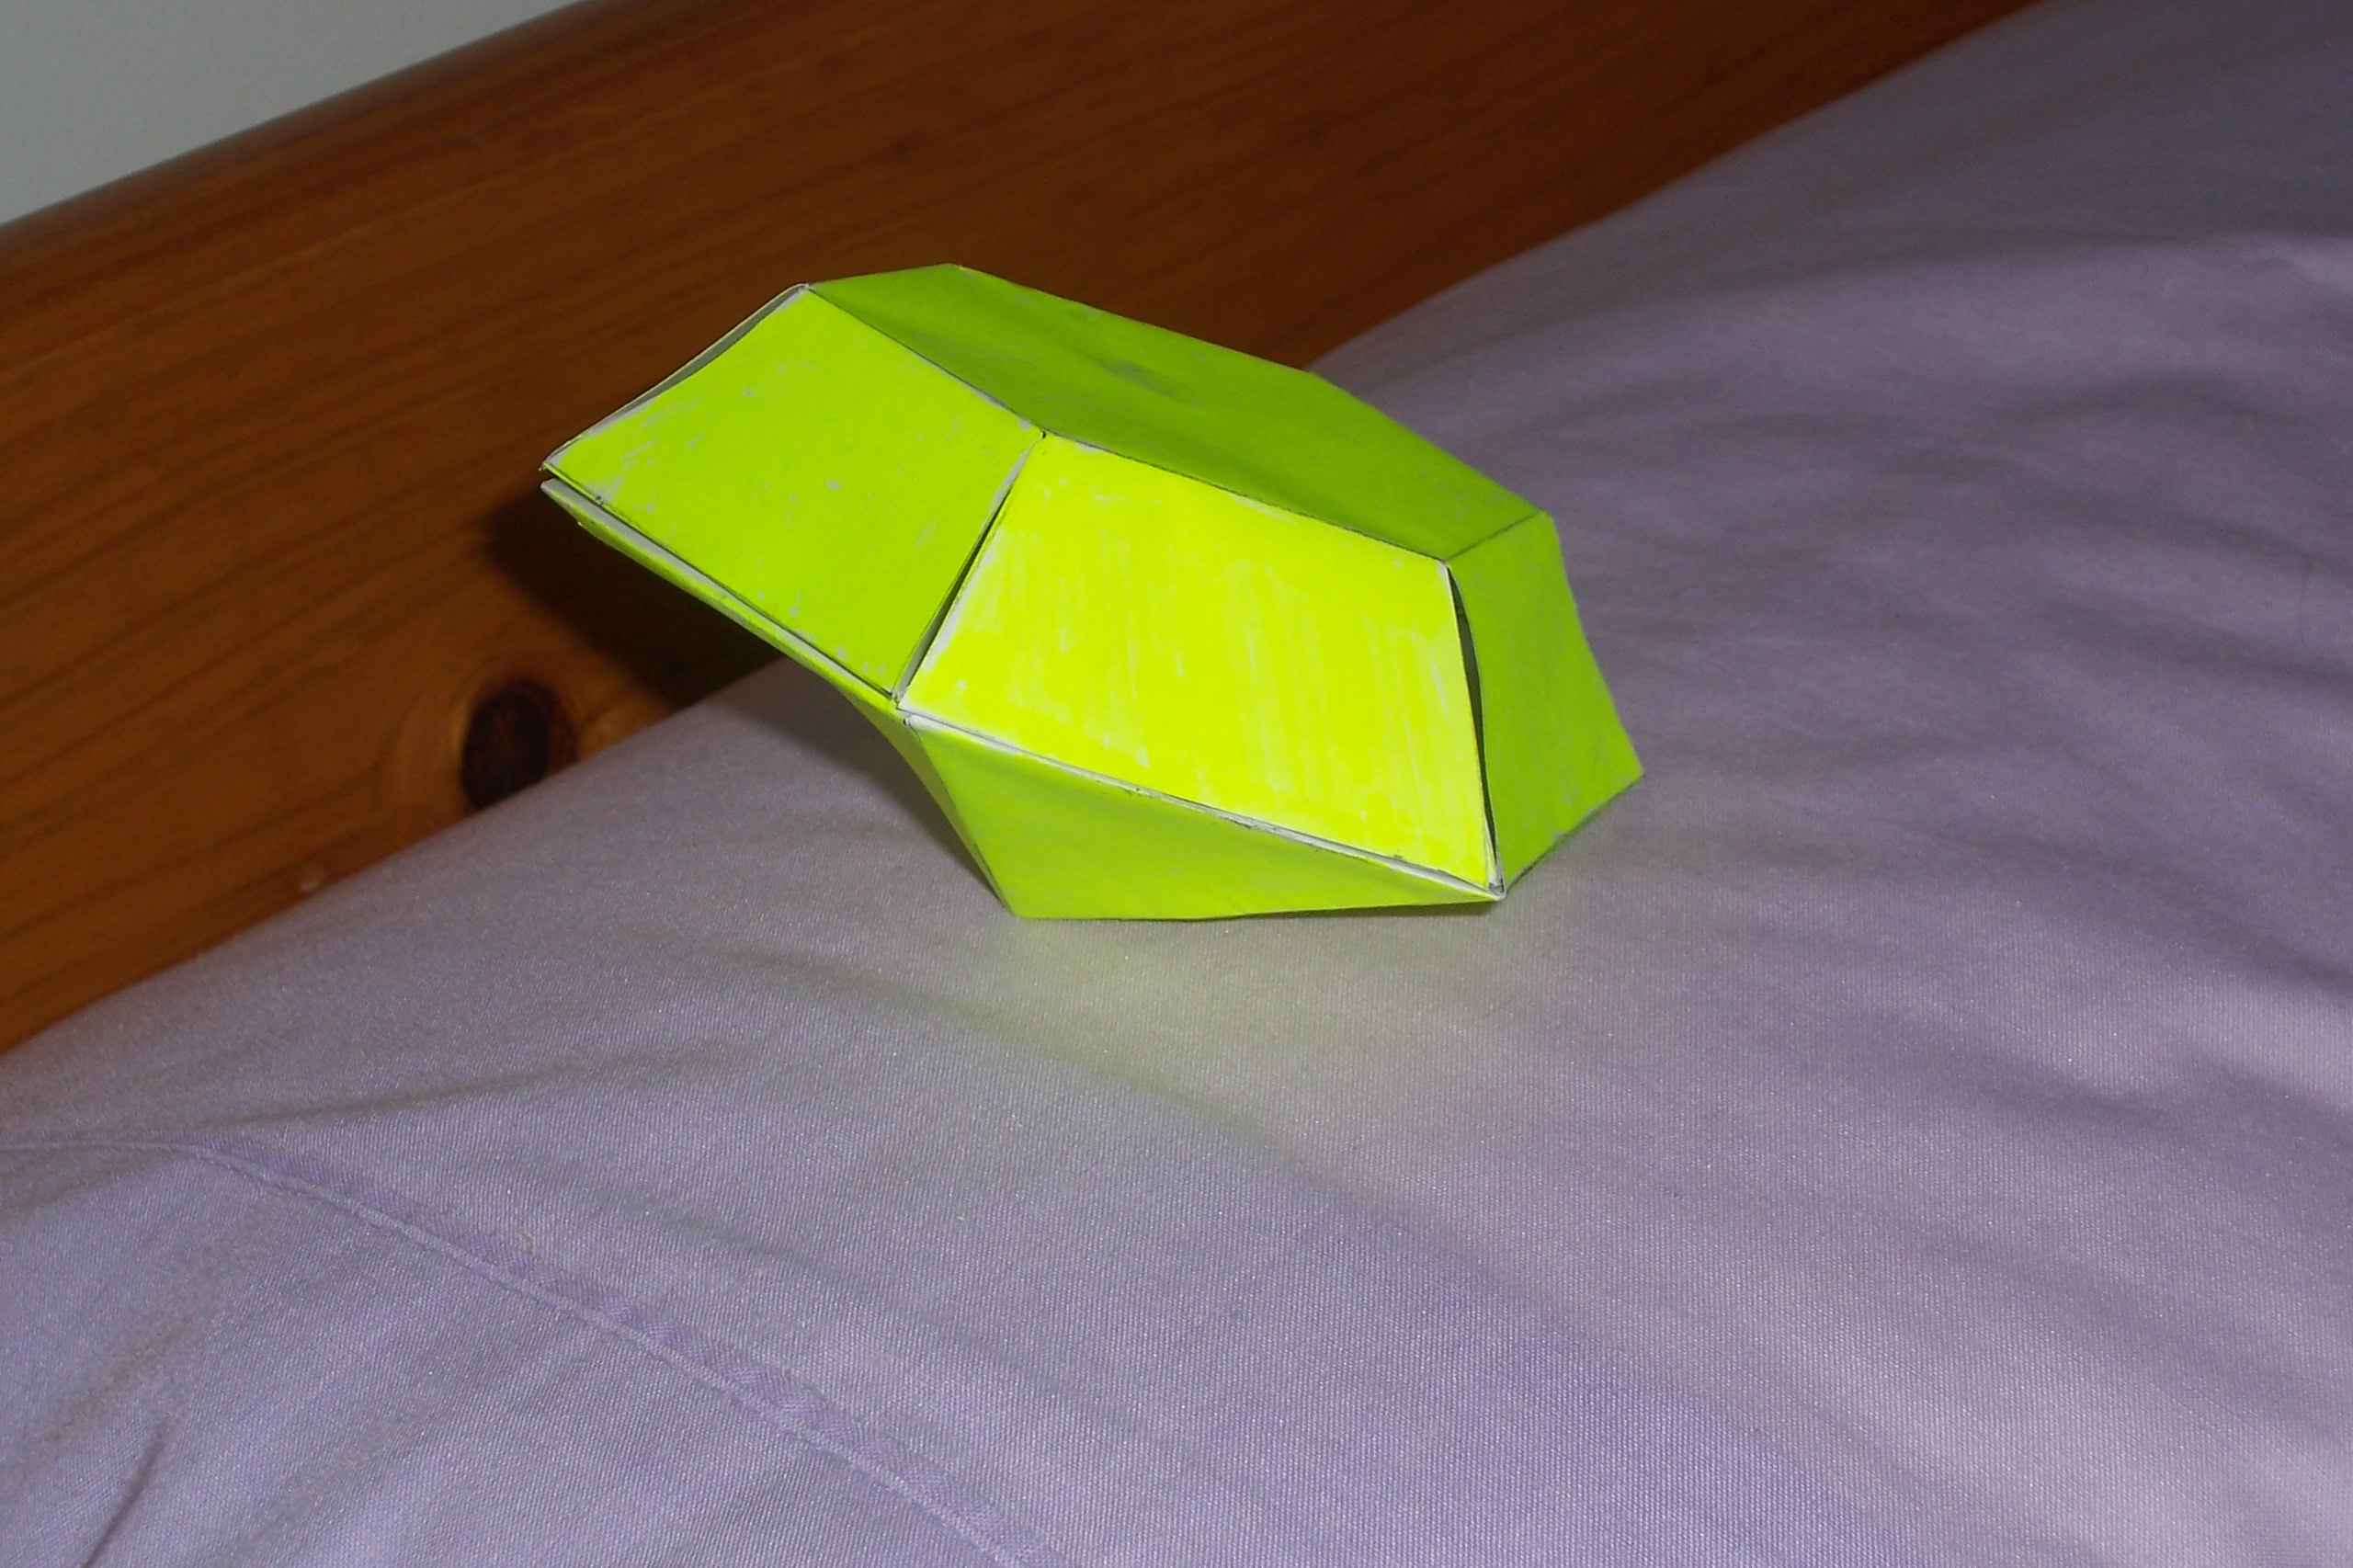 Casa de Tails y cream Chaos_Emerald_Prototype_by_Owenza